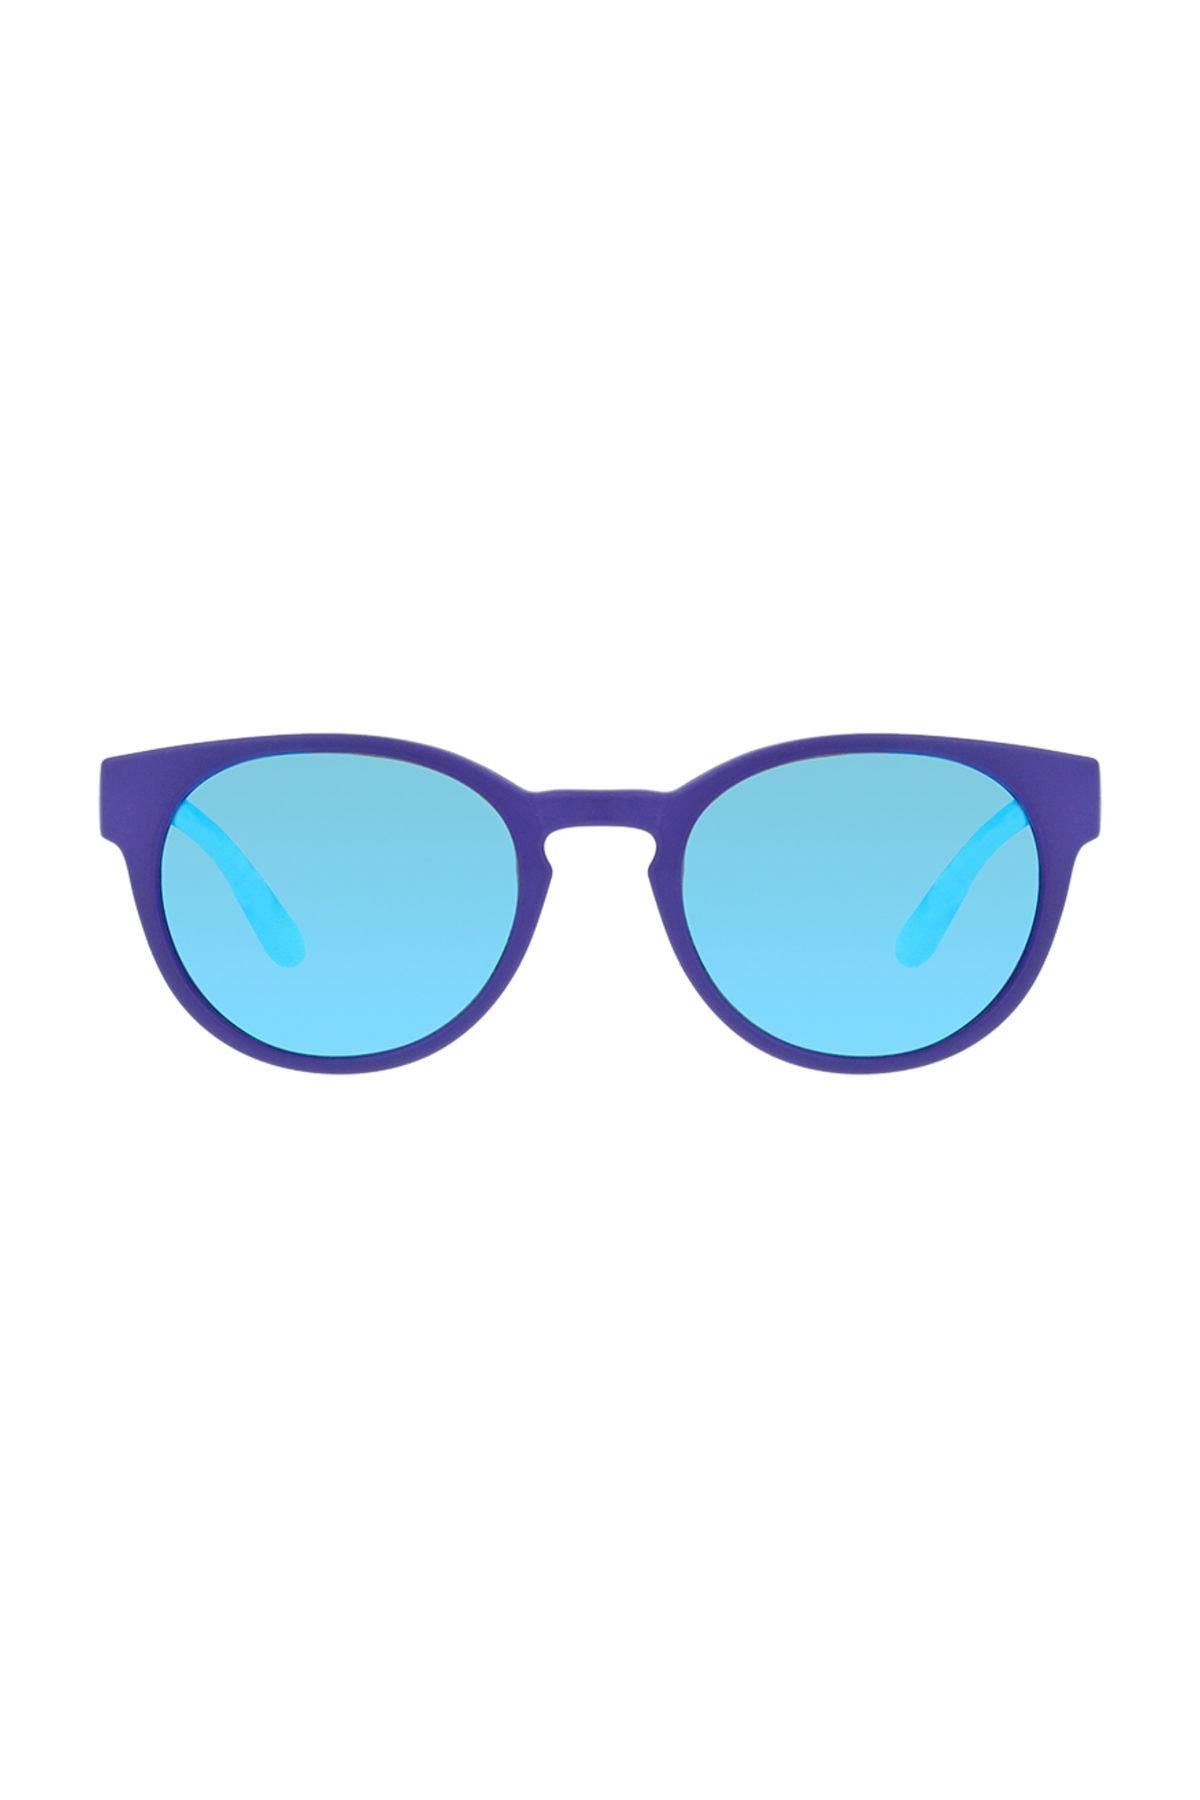 خرید پستی عینک آفتابی شیک بچه گانه پسرانه برند INESTA KIDS رنگ بژ کد ty33199230